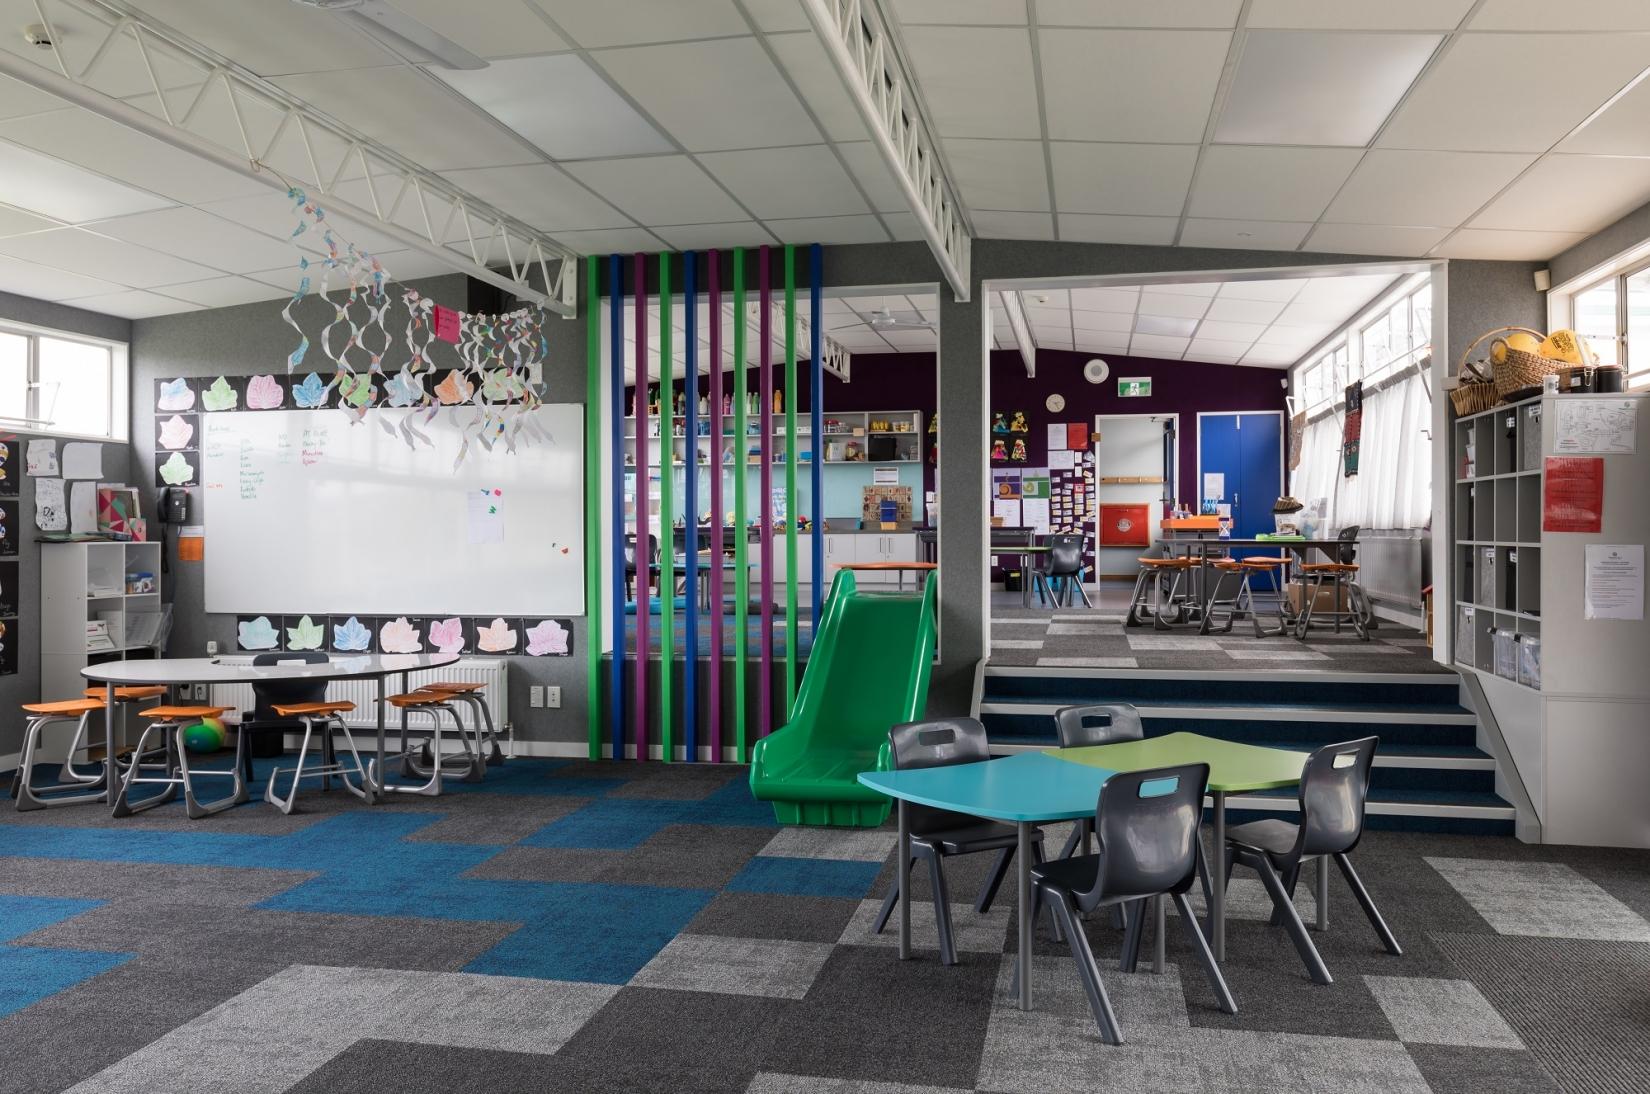 Kingston Education Carpet Tiles